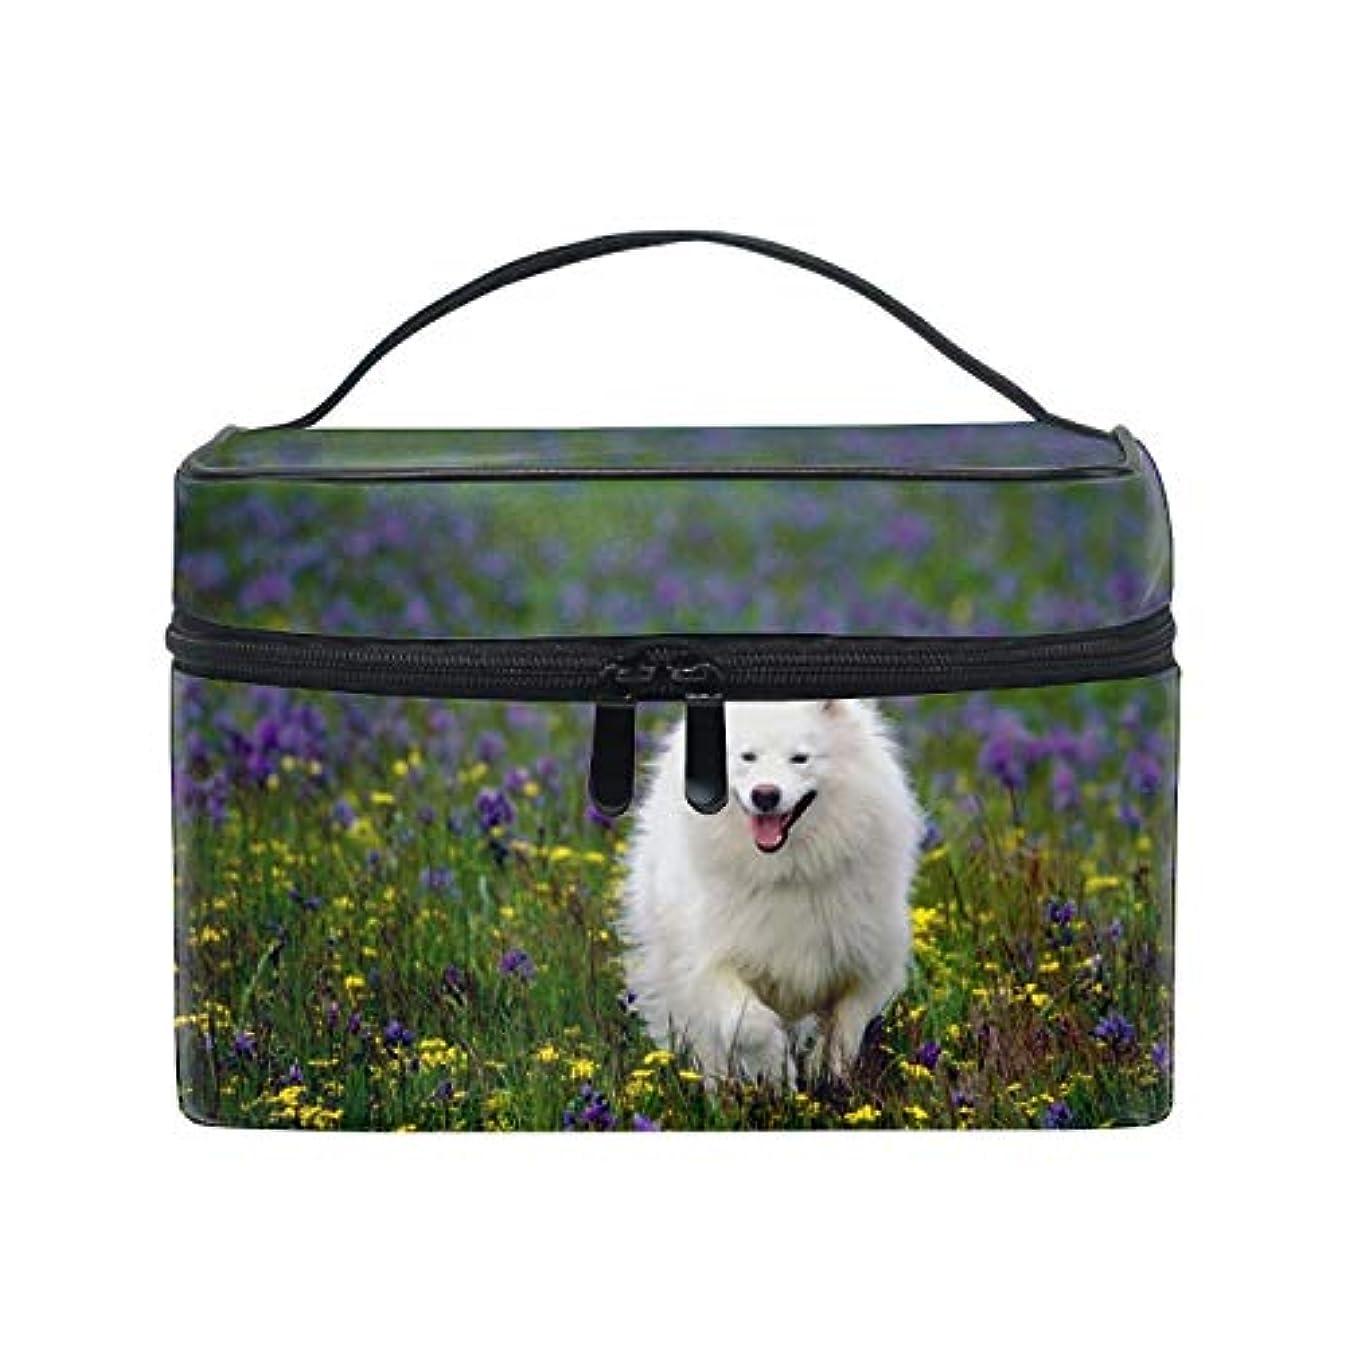 弱まる大混乱苦しめる便携式サモエド メイクボックス 收納抜群 大容量 可愛い 化粧バッグ 旅行